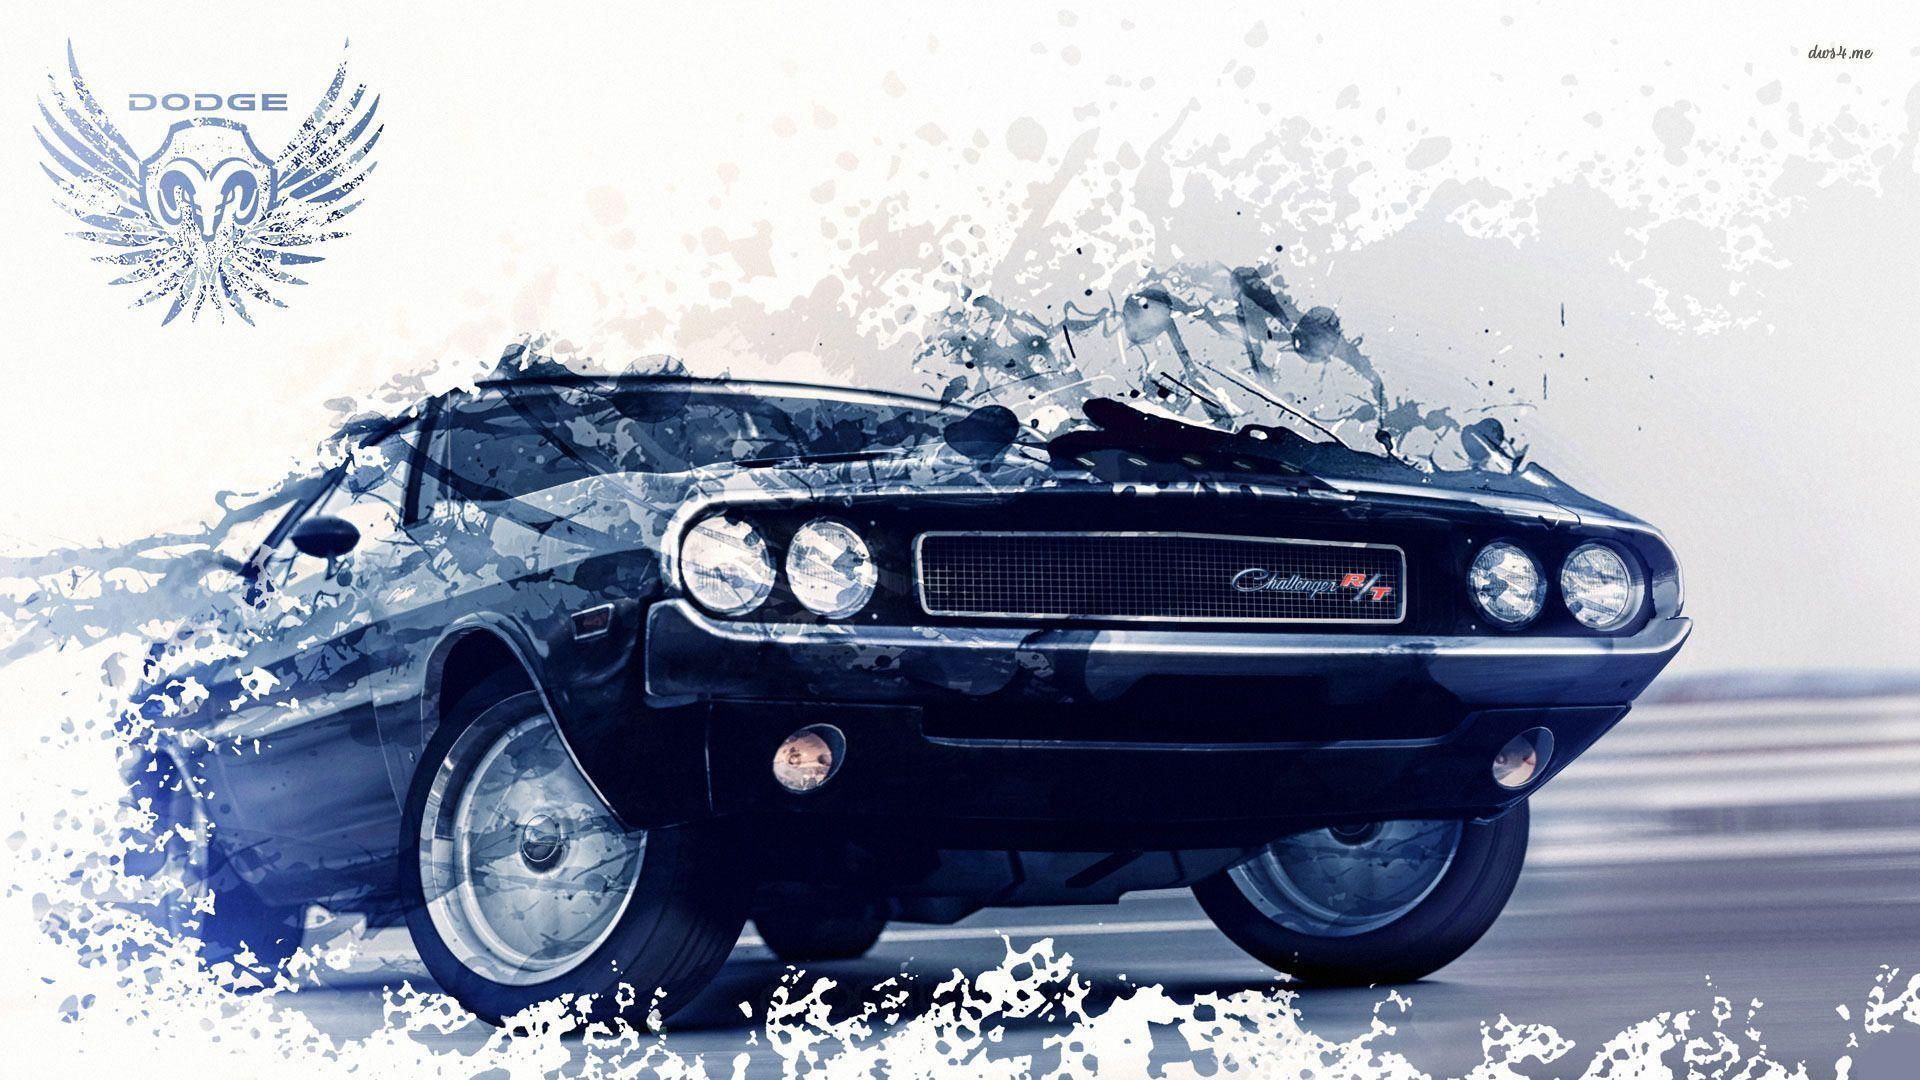 1970 Dodge Challenger RT Wallpapers, Top 1970 Dodge Challenger RT .